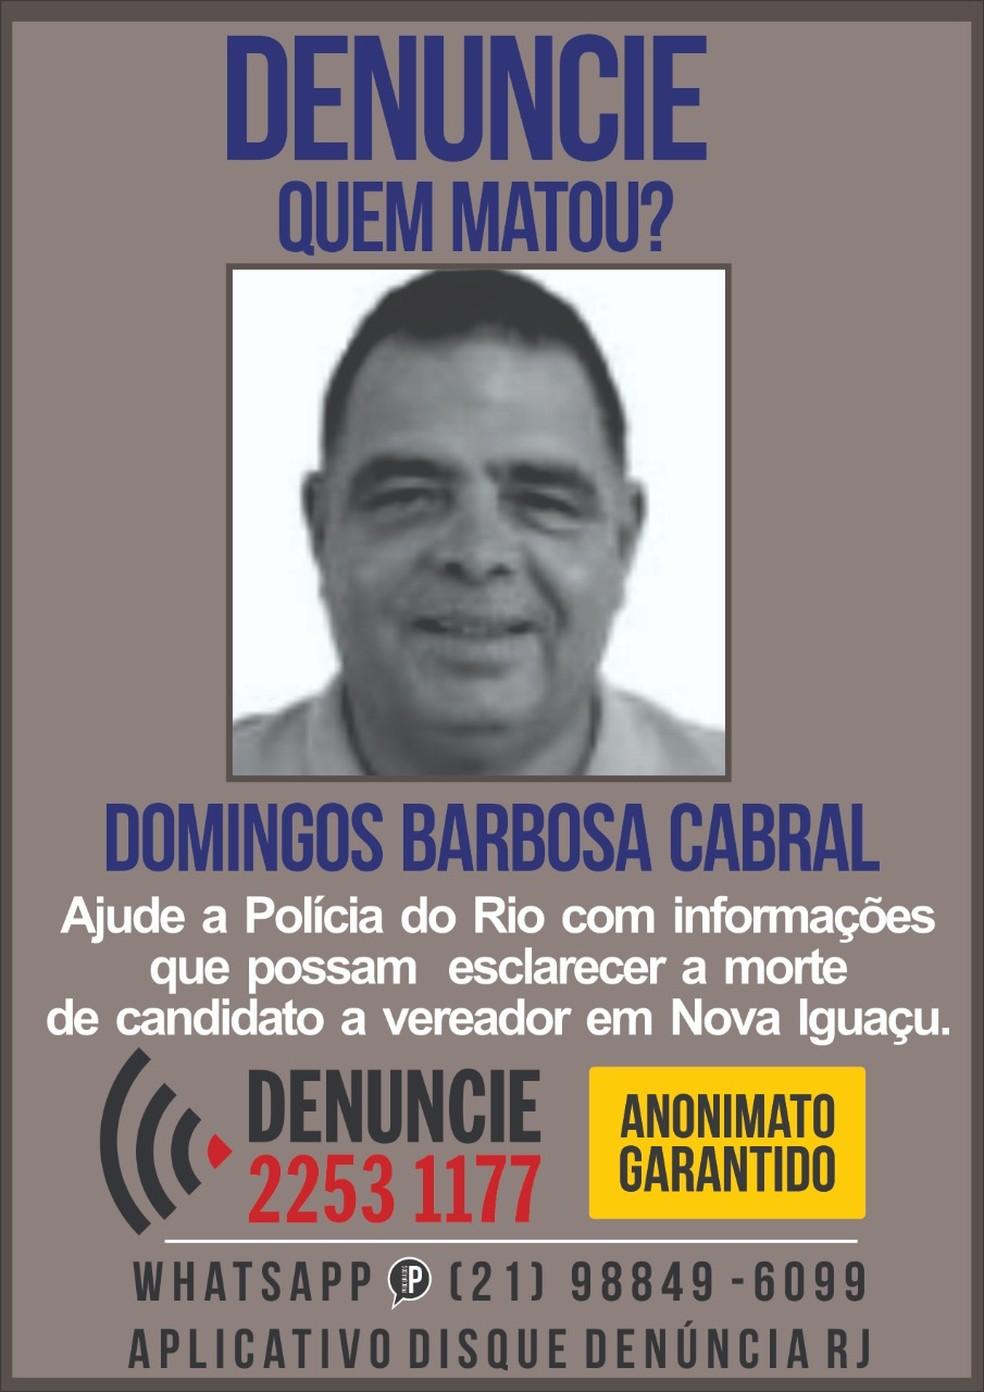 Portal dos Procurados buscam informação sobre morte de candidato a vereador Domingos Barbosa Cabral, em Nova Iguaçu — Foto: Reprodução